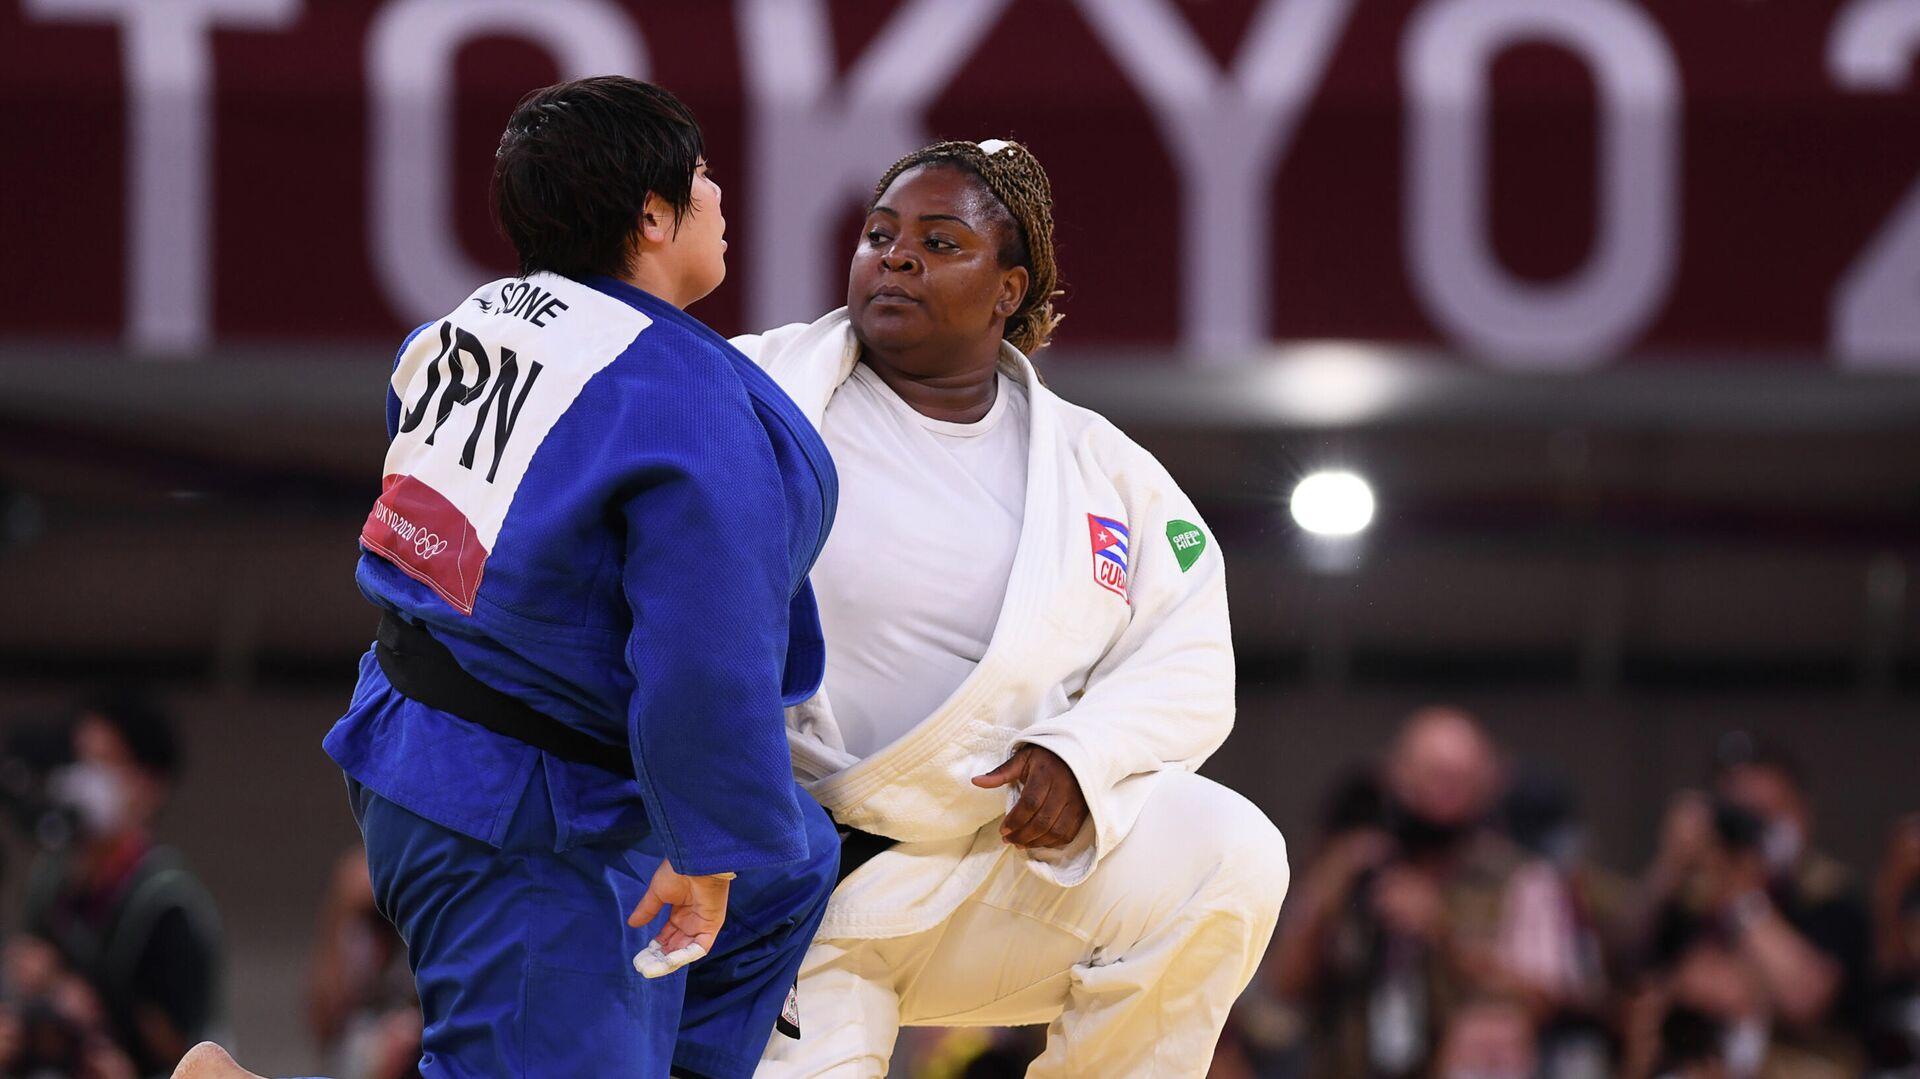 La judoca japonesa Akira Sone y la judoca cubana Idalys Ortiz en los XXXII Juegos Olímpicos en Tokio - Sputnik Mundo, 1920, 30.07.2021